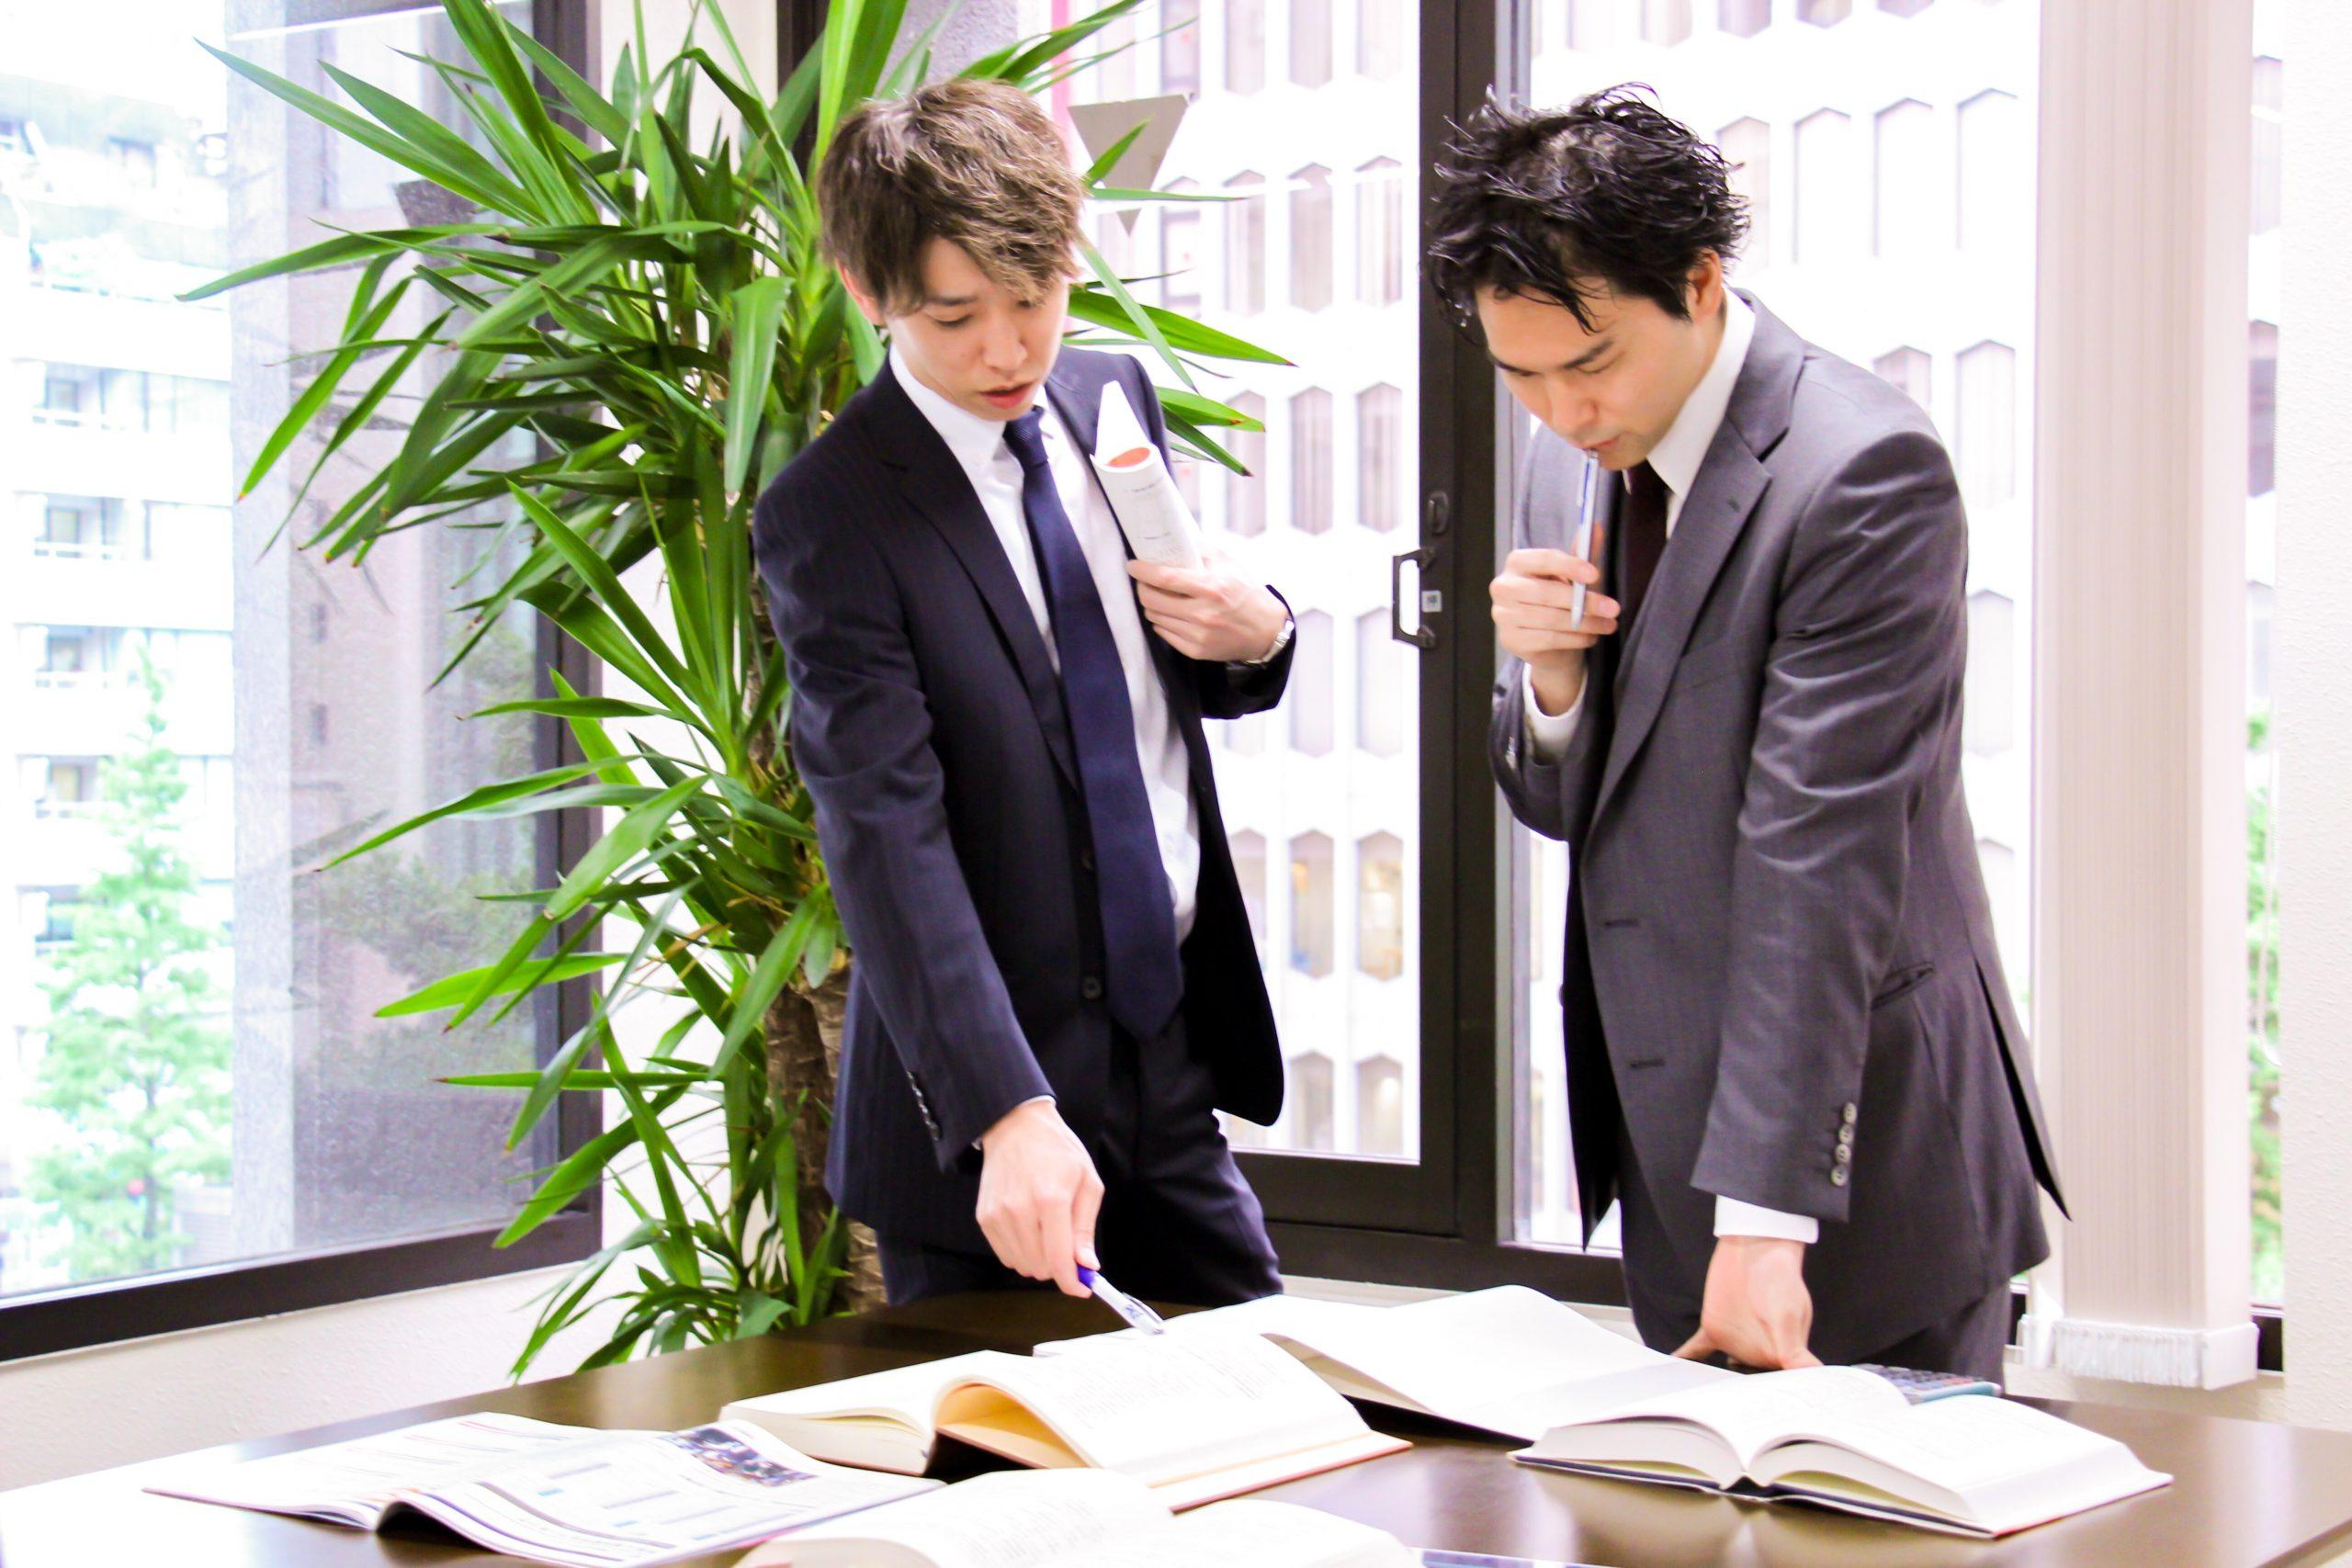 会計税務マネージャー候補(経験者・国内顧客)